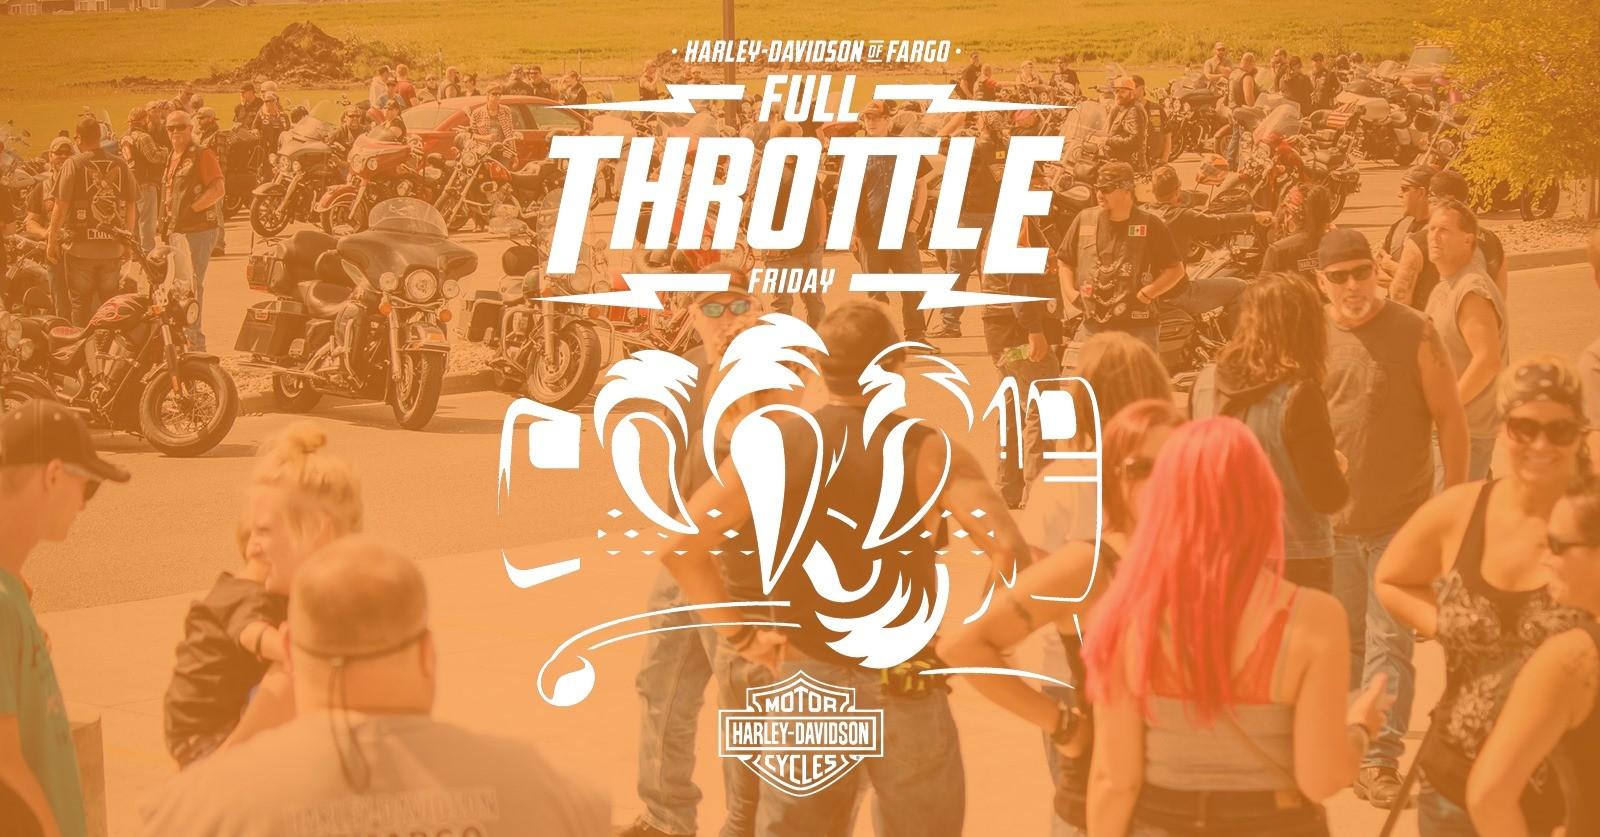 Harley Davidson of Fargo Full Throttle Friday